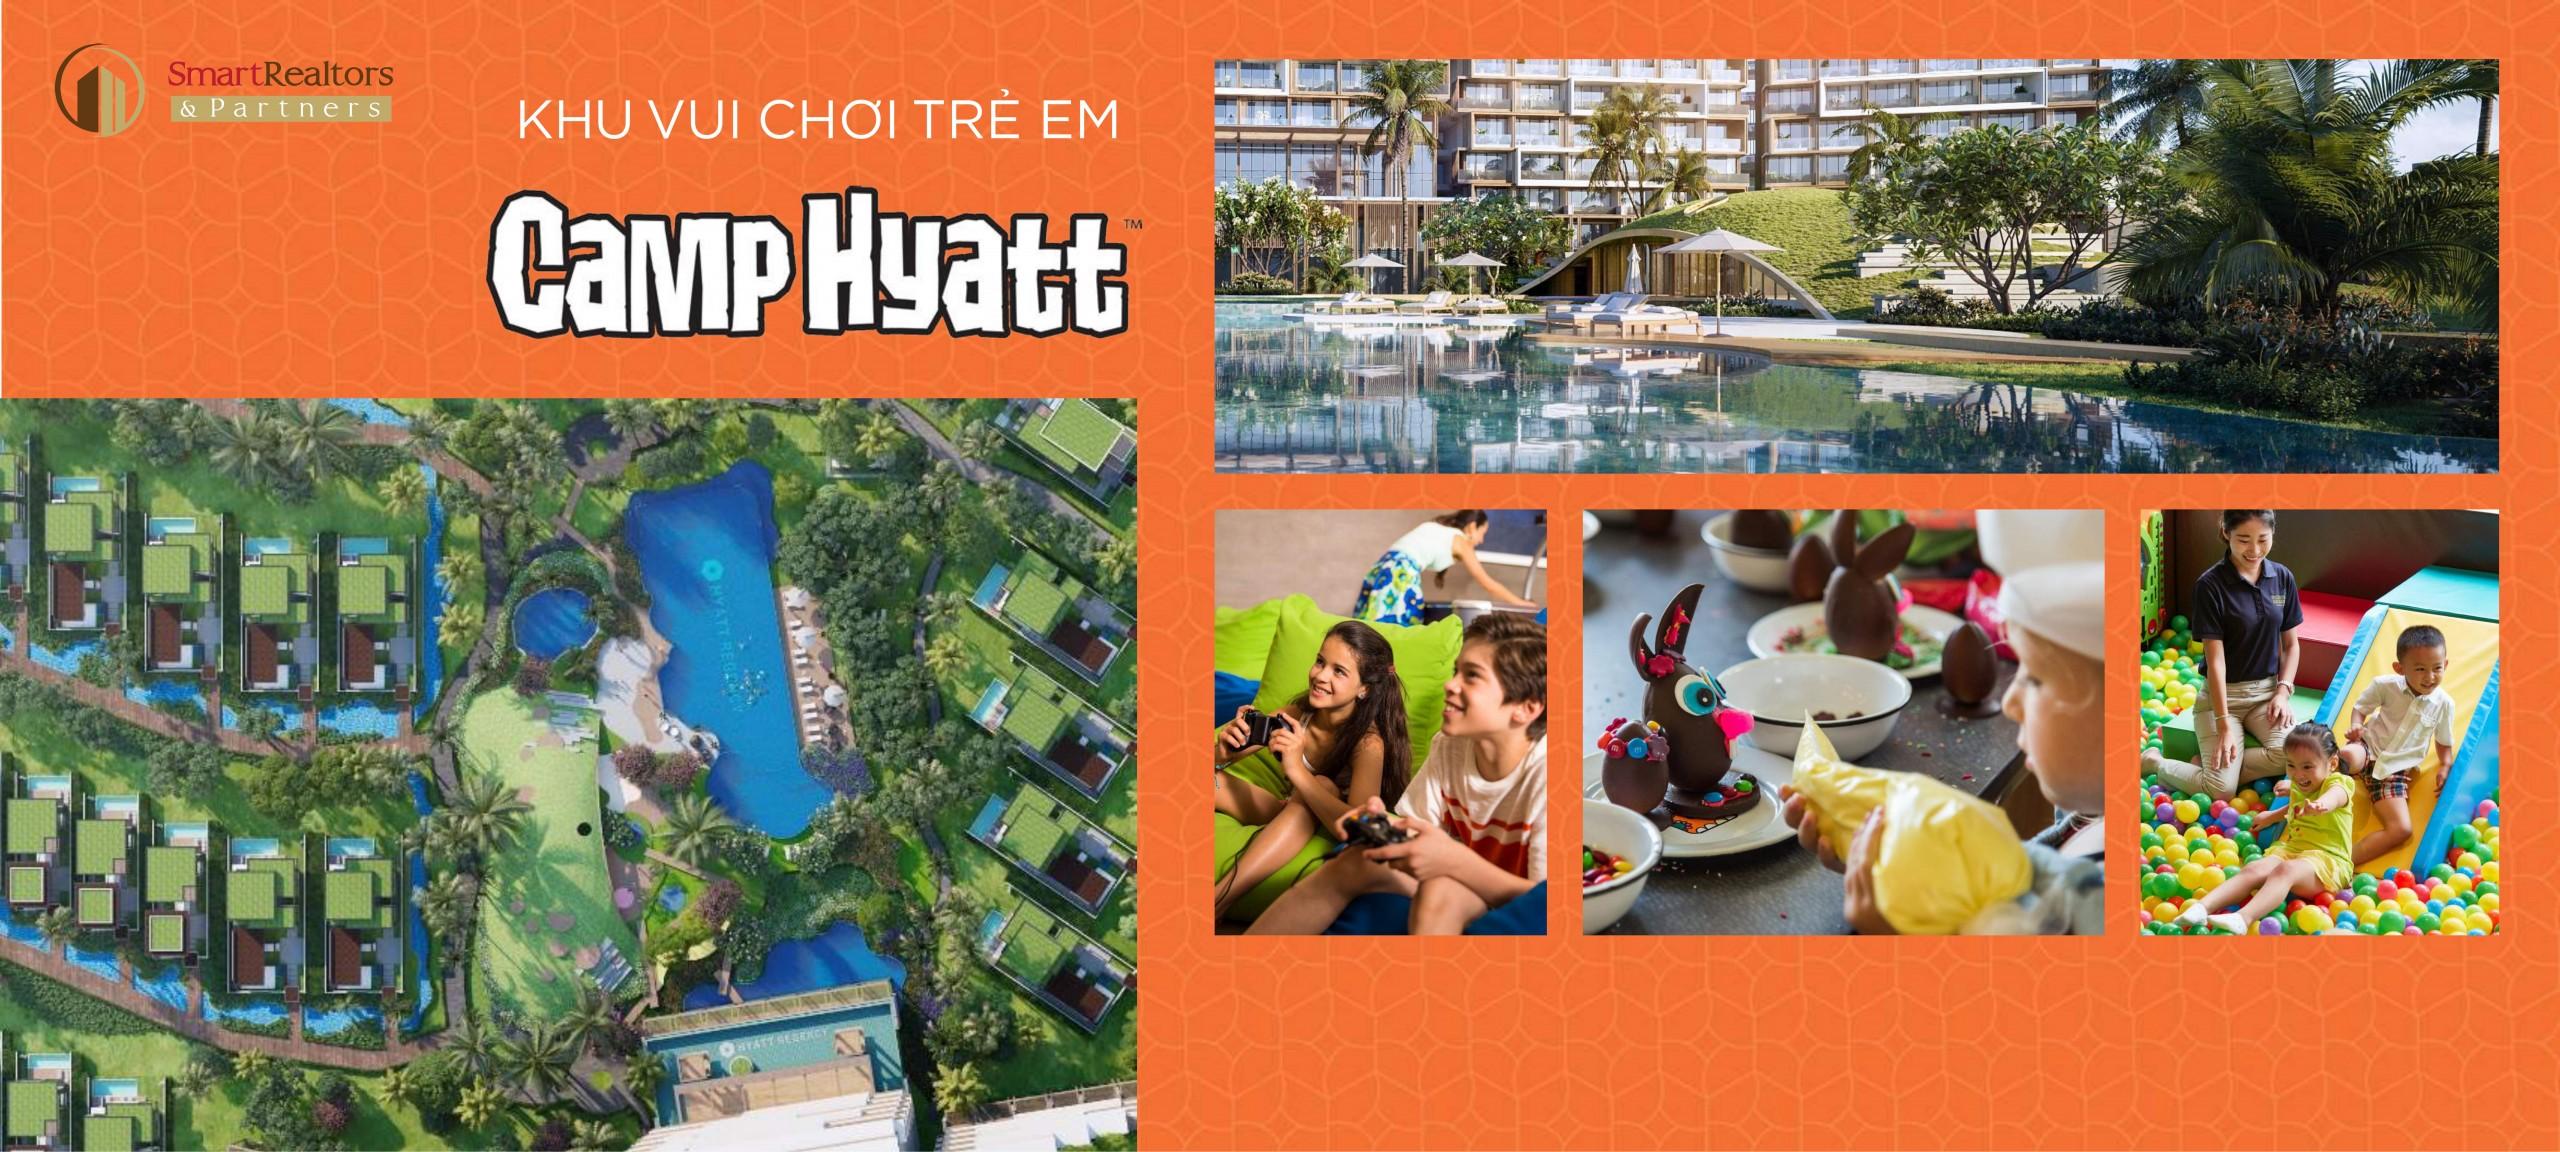 Ngoài ra, Hyatt Regency Ho Tram Residences còn có khu vui chơi dành riêng cho trẻ em